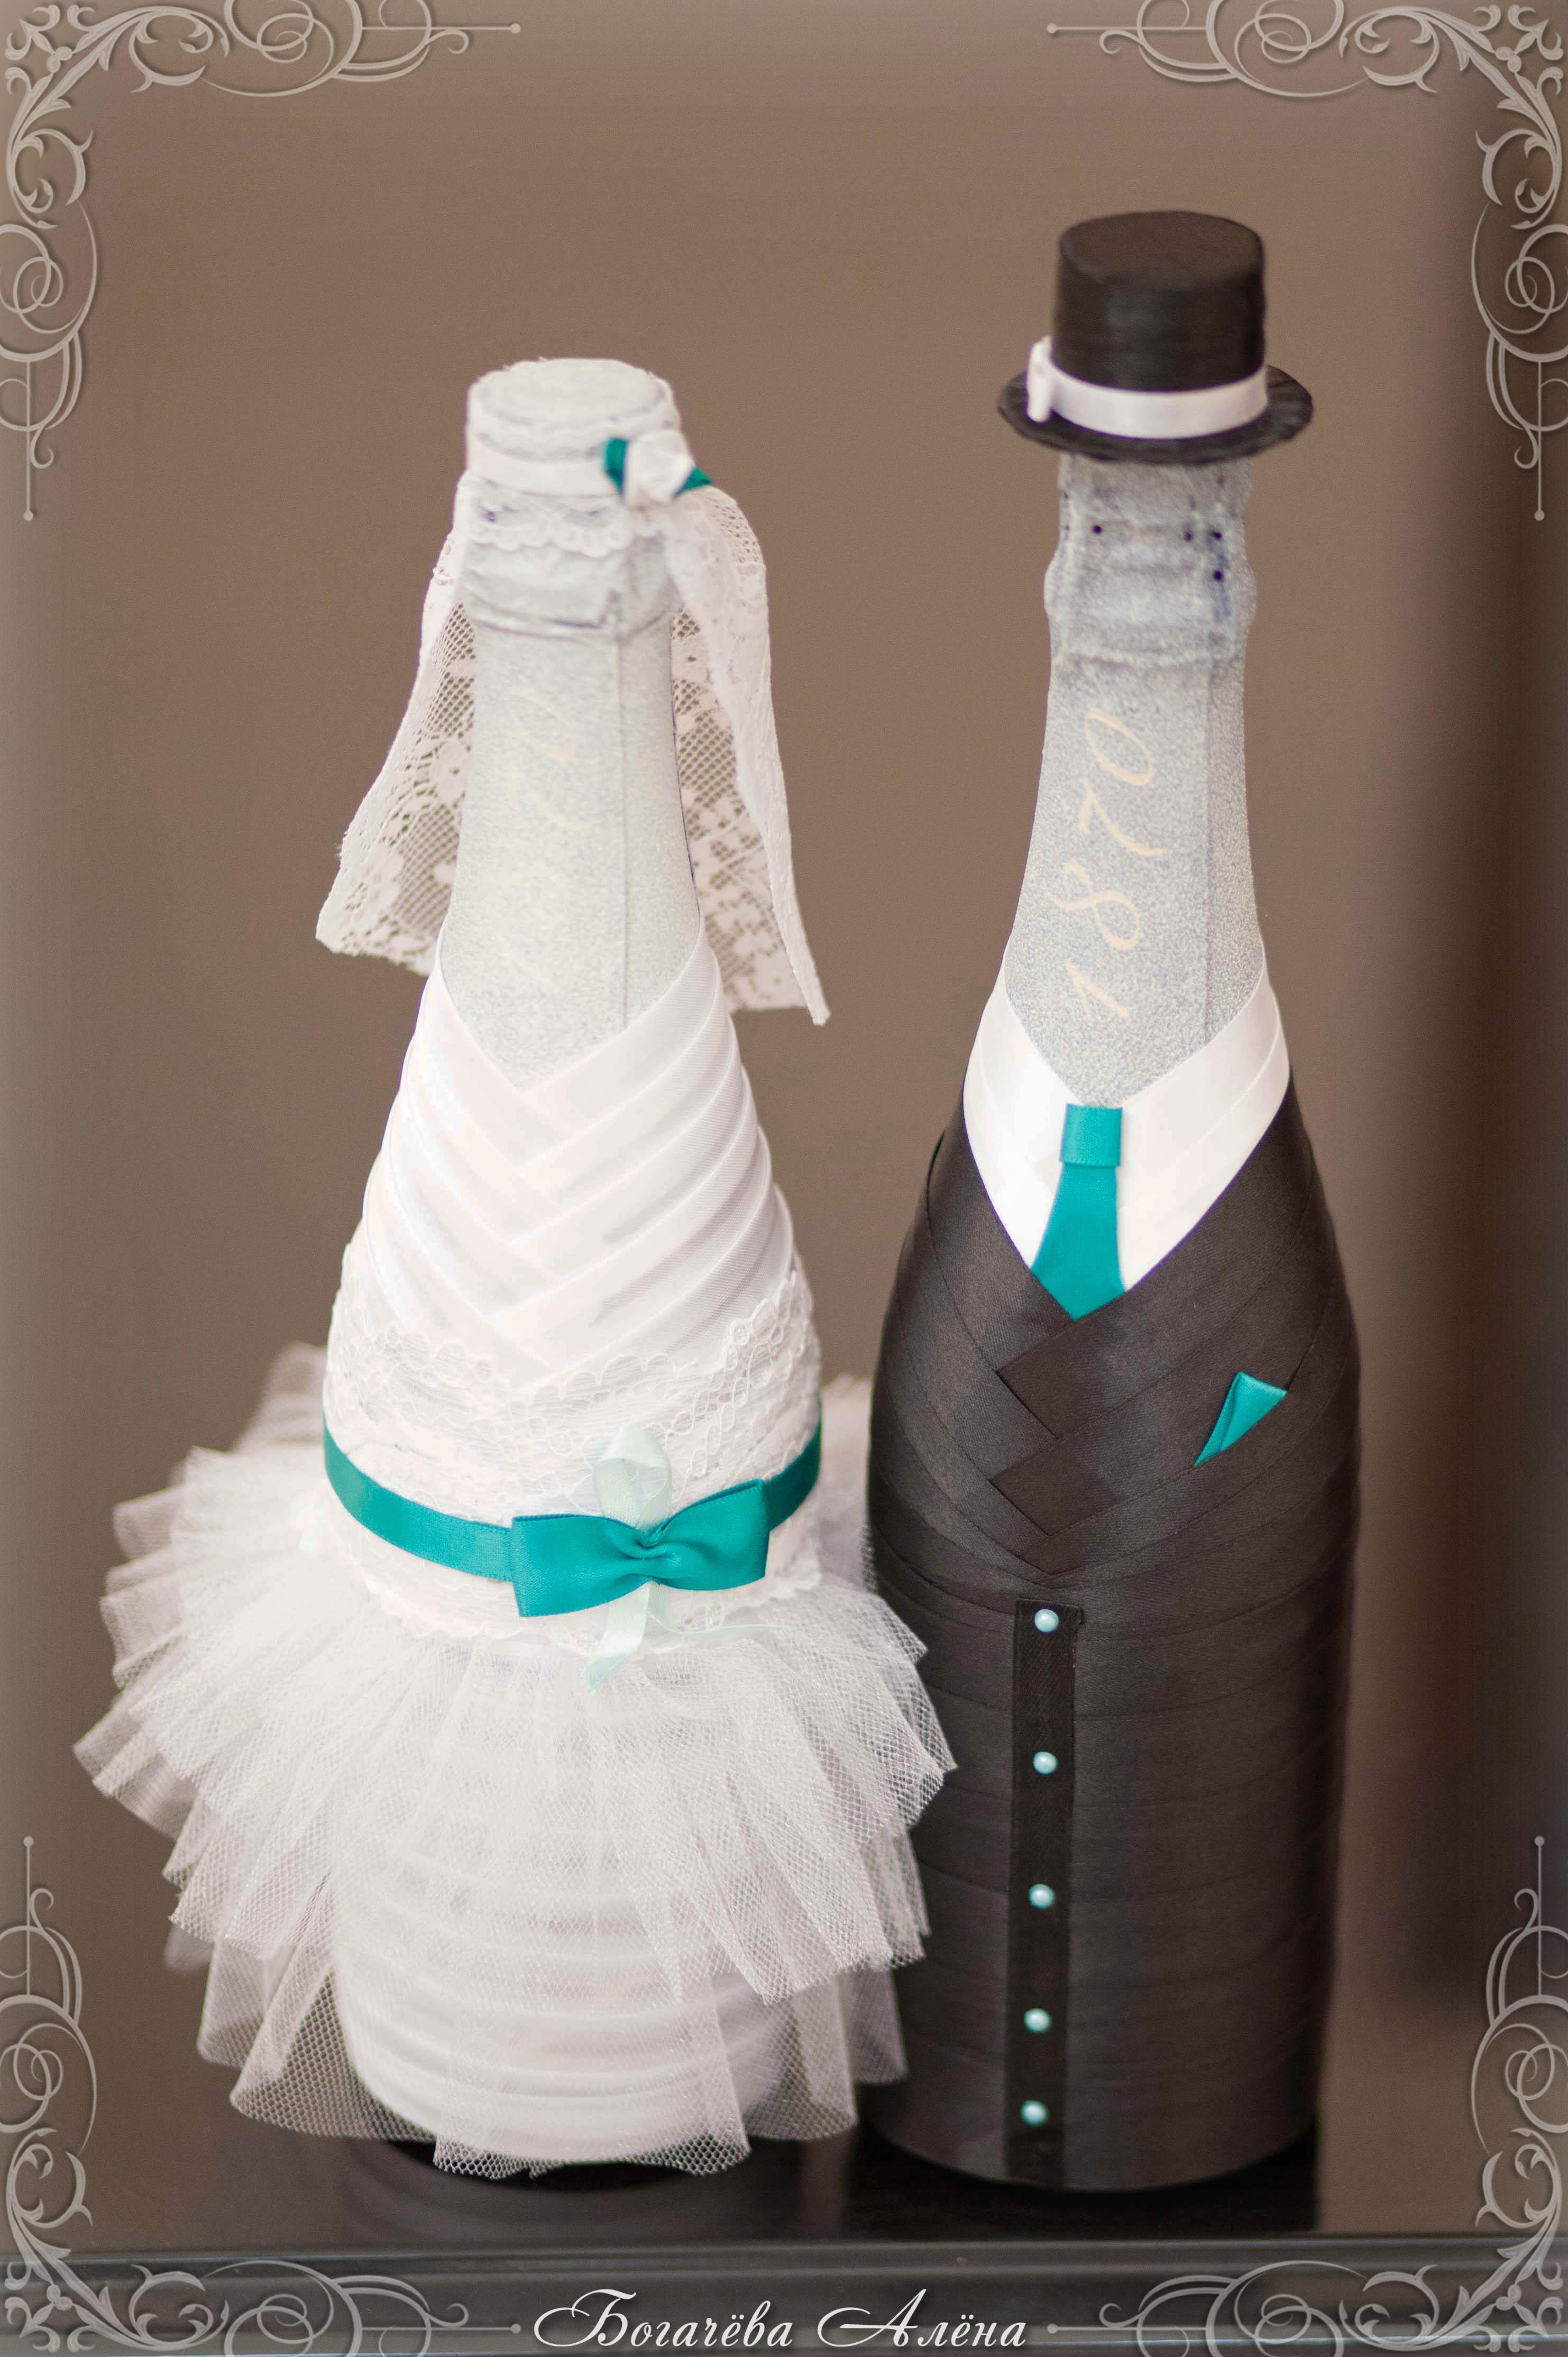 Как украсить своими руками бутылку шампанского на свадьбу статьи